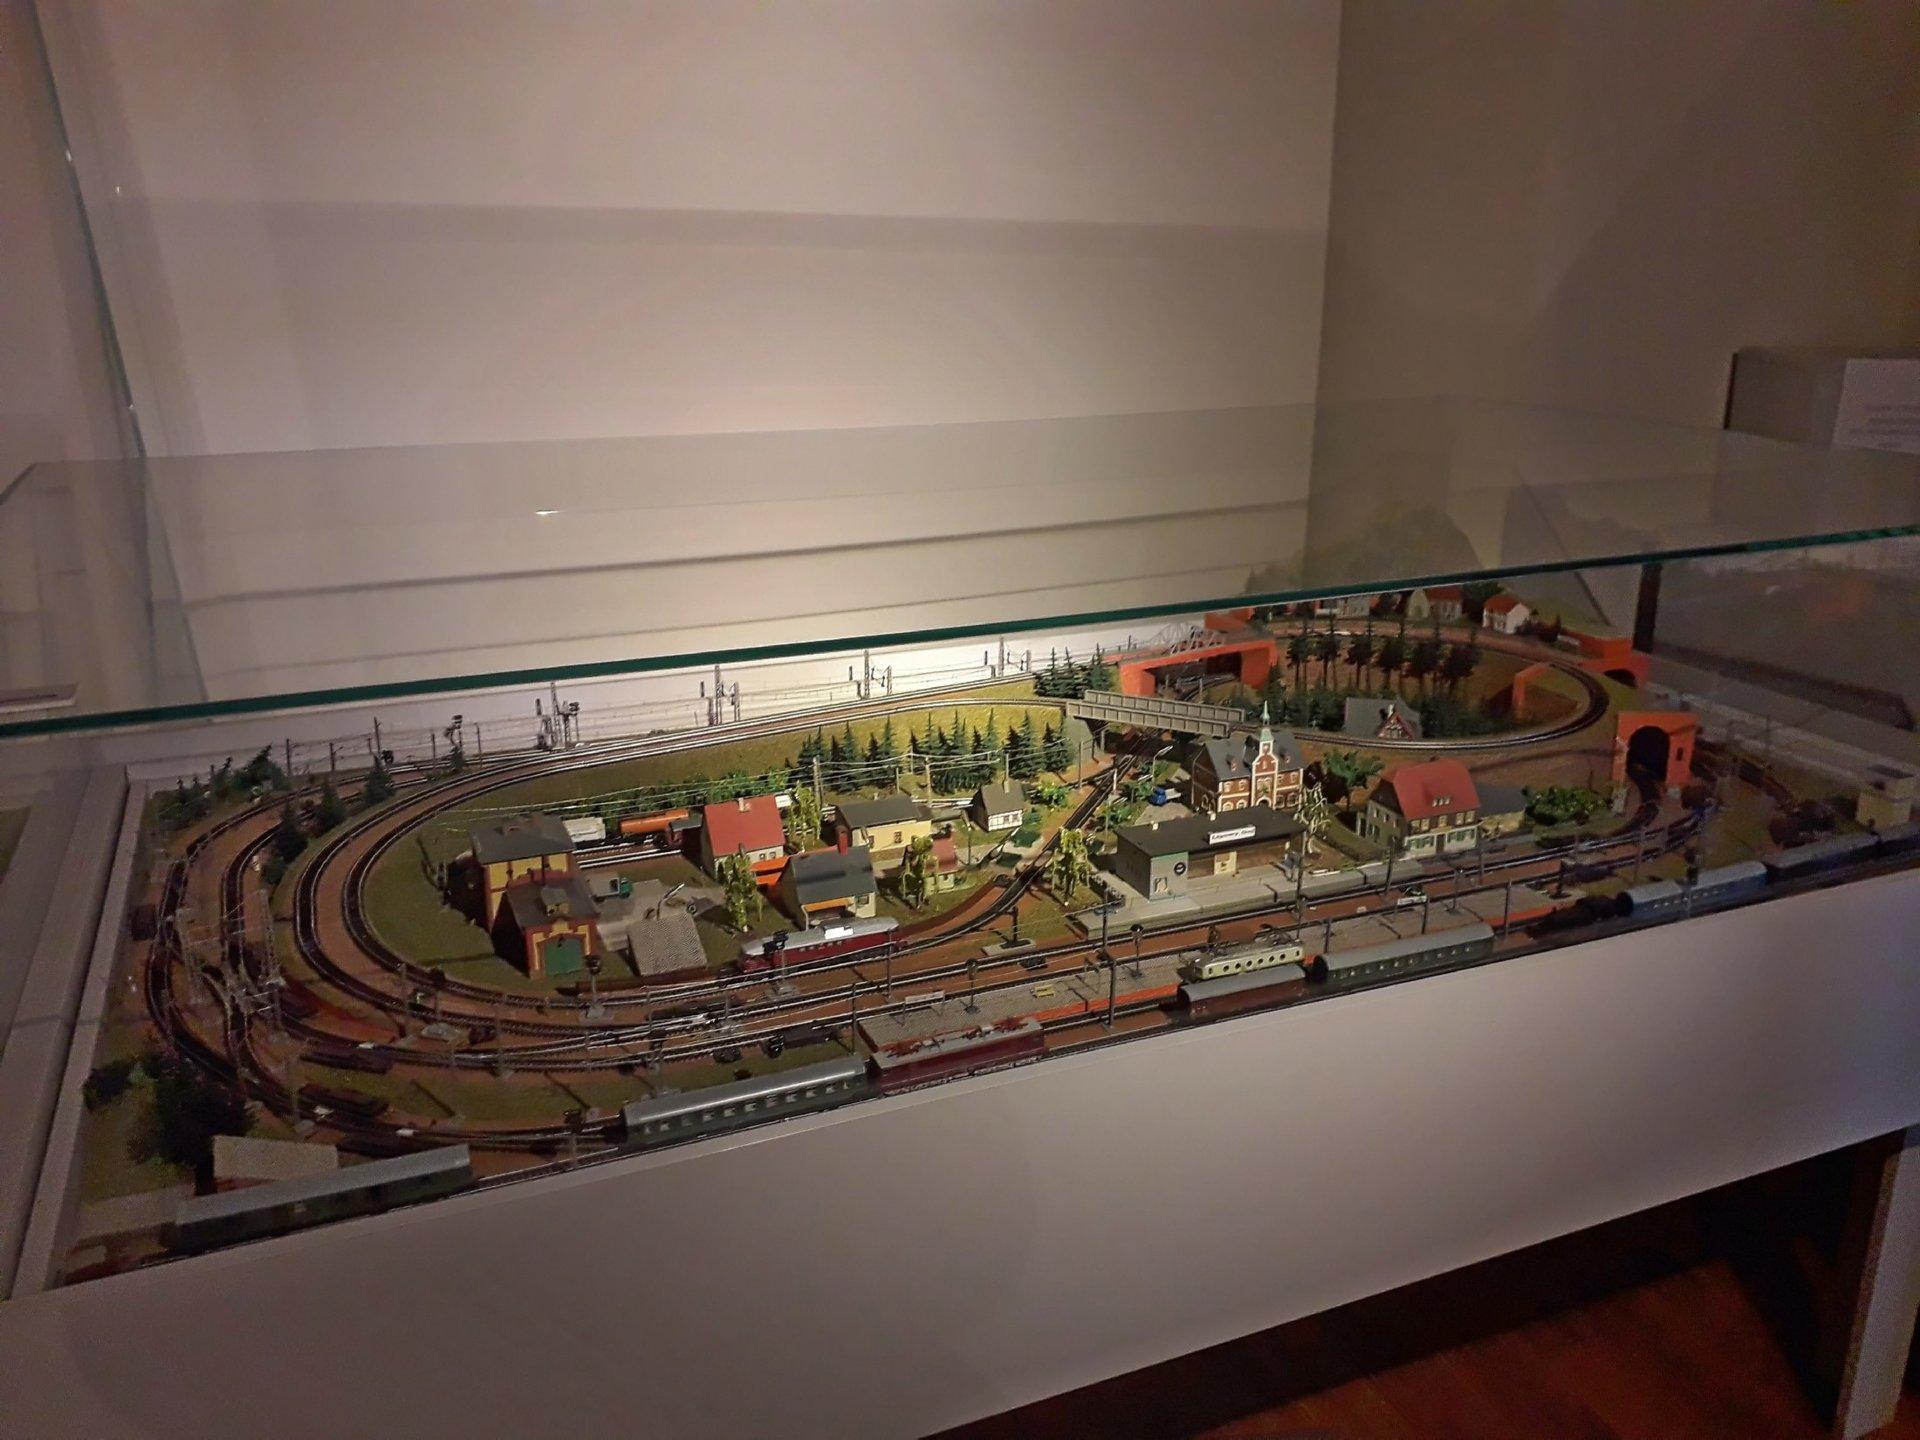 Muzeum Nowoczesności w Olsztynie - Makieta kolejowa.jpg